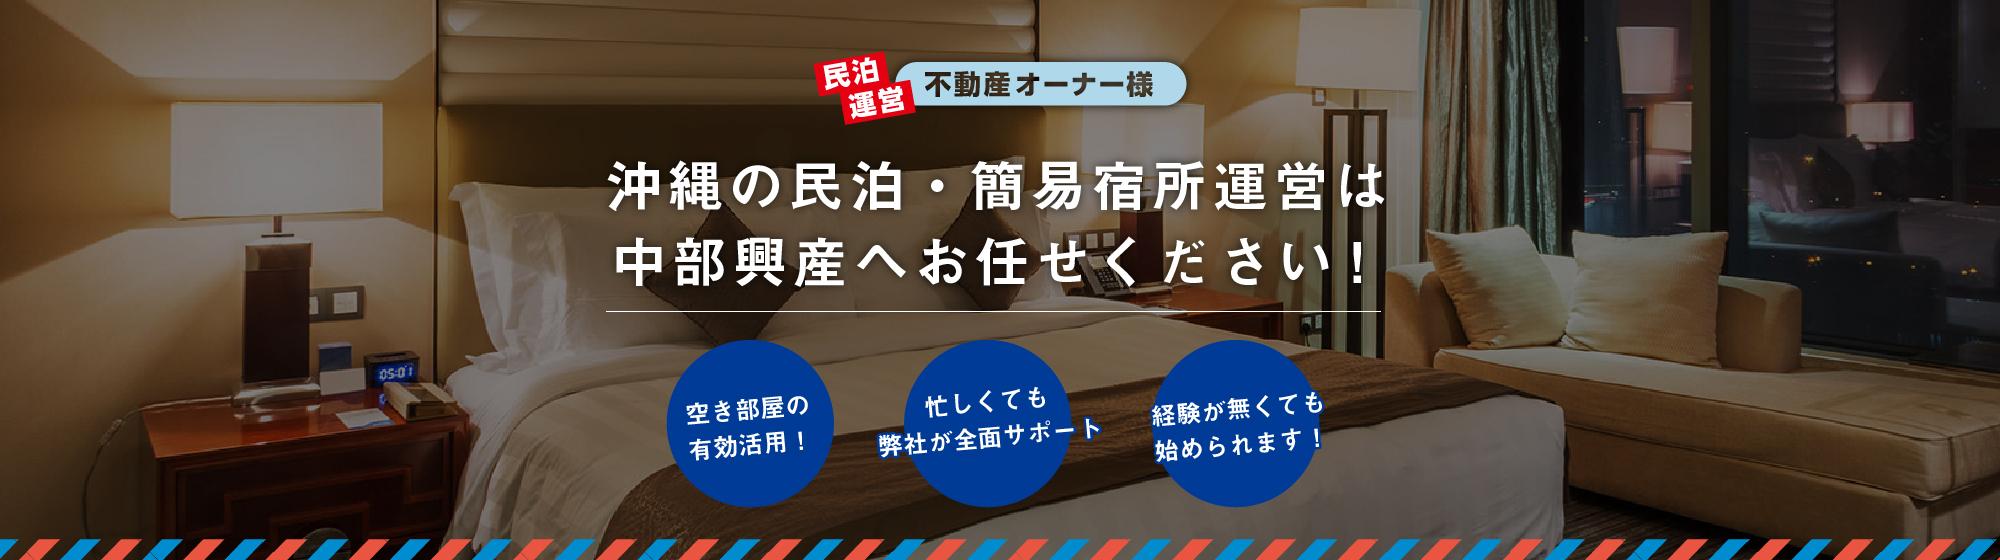 沖縄で民泊運営をお考えなら中部興産株式会社の住みんちゅSTAYへお任せください!空き家の有効活用、忙しいオーナーさんでも任せて安心,経験0でも始められます!